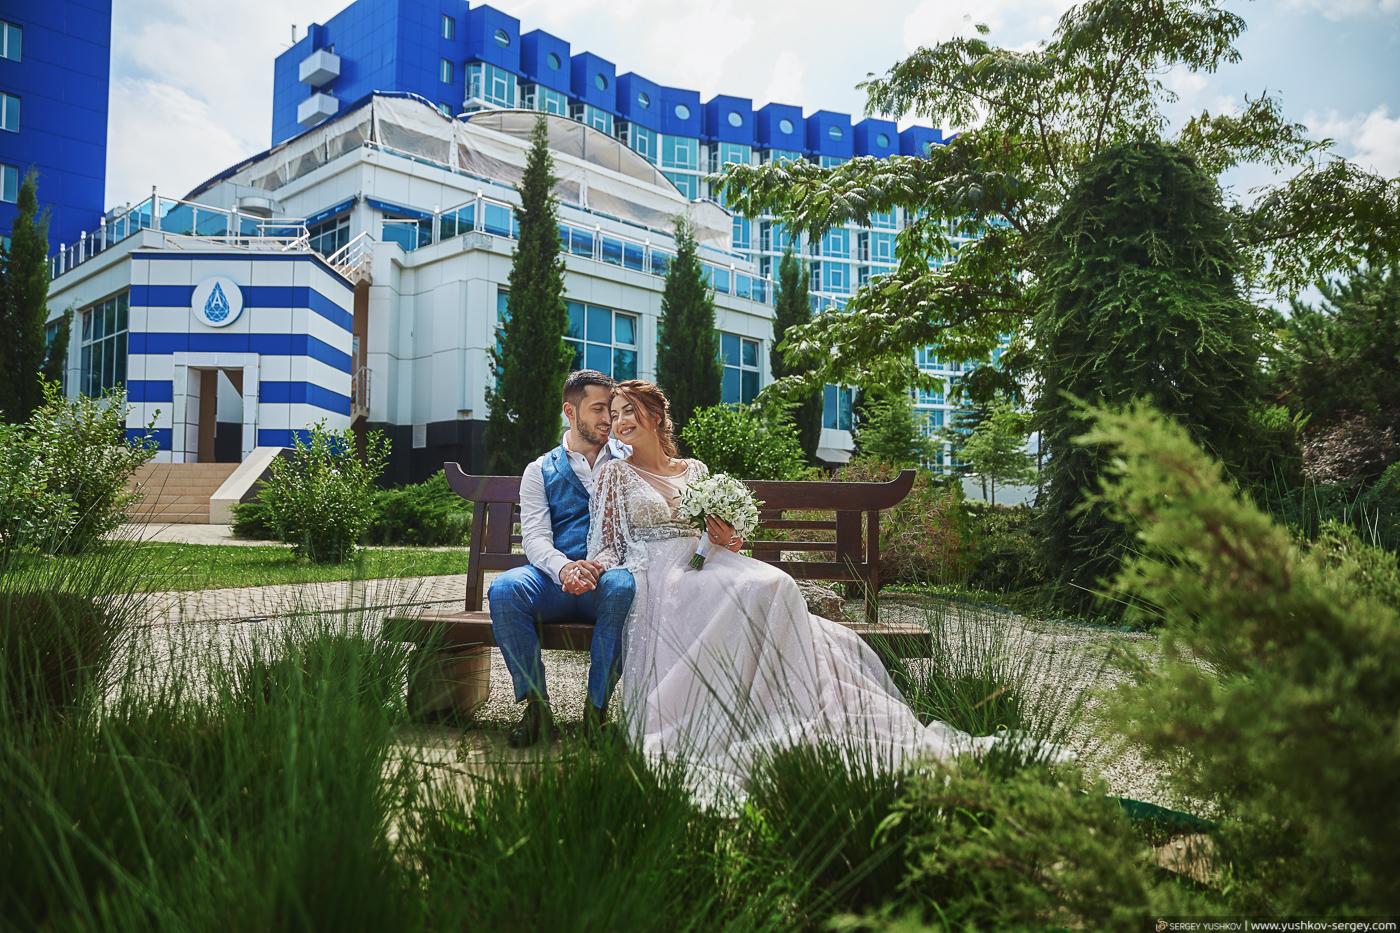 Свадьба для двоих в Крыму. Отель Аквамарин, Севастополь. Фотограф - Сергей Юшков.